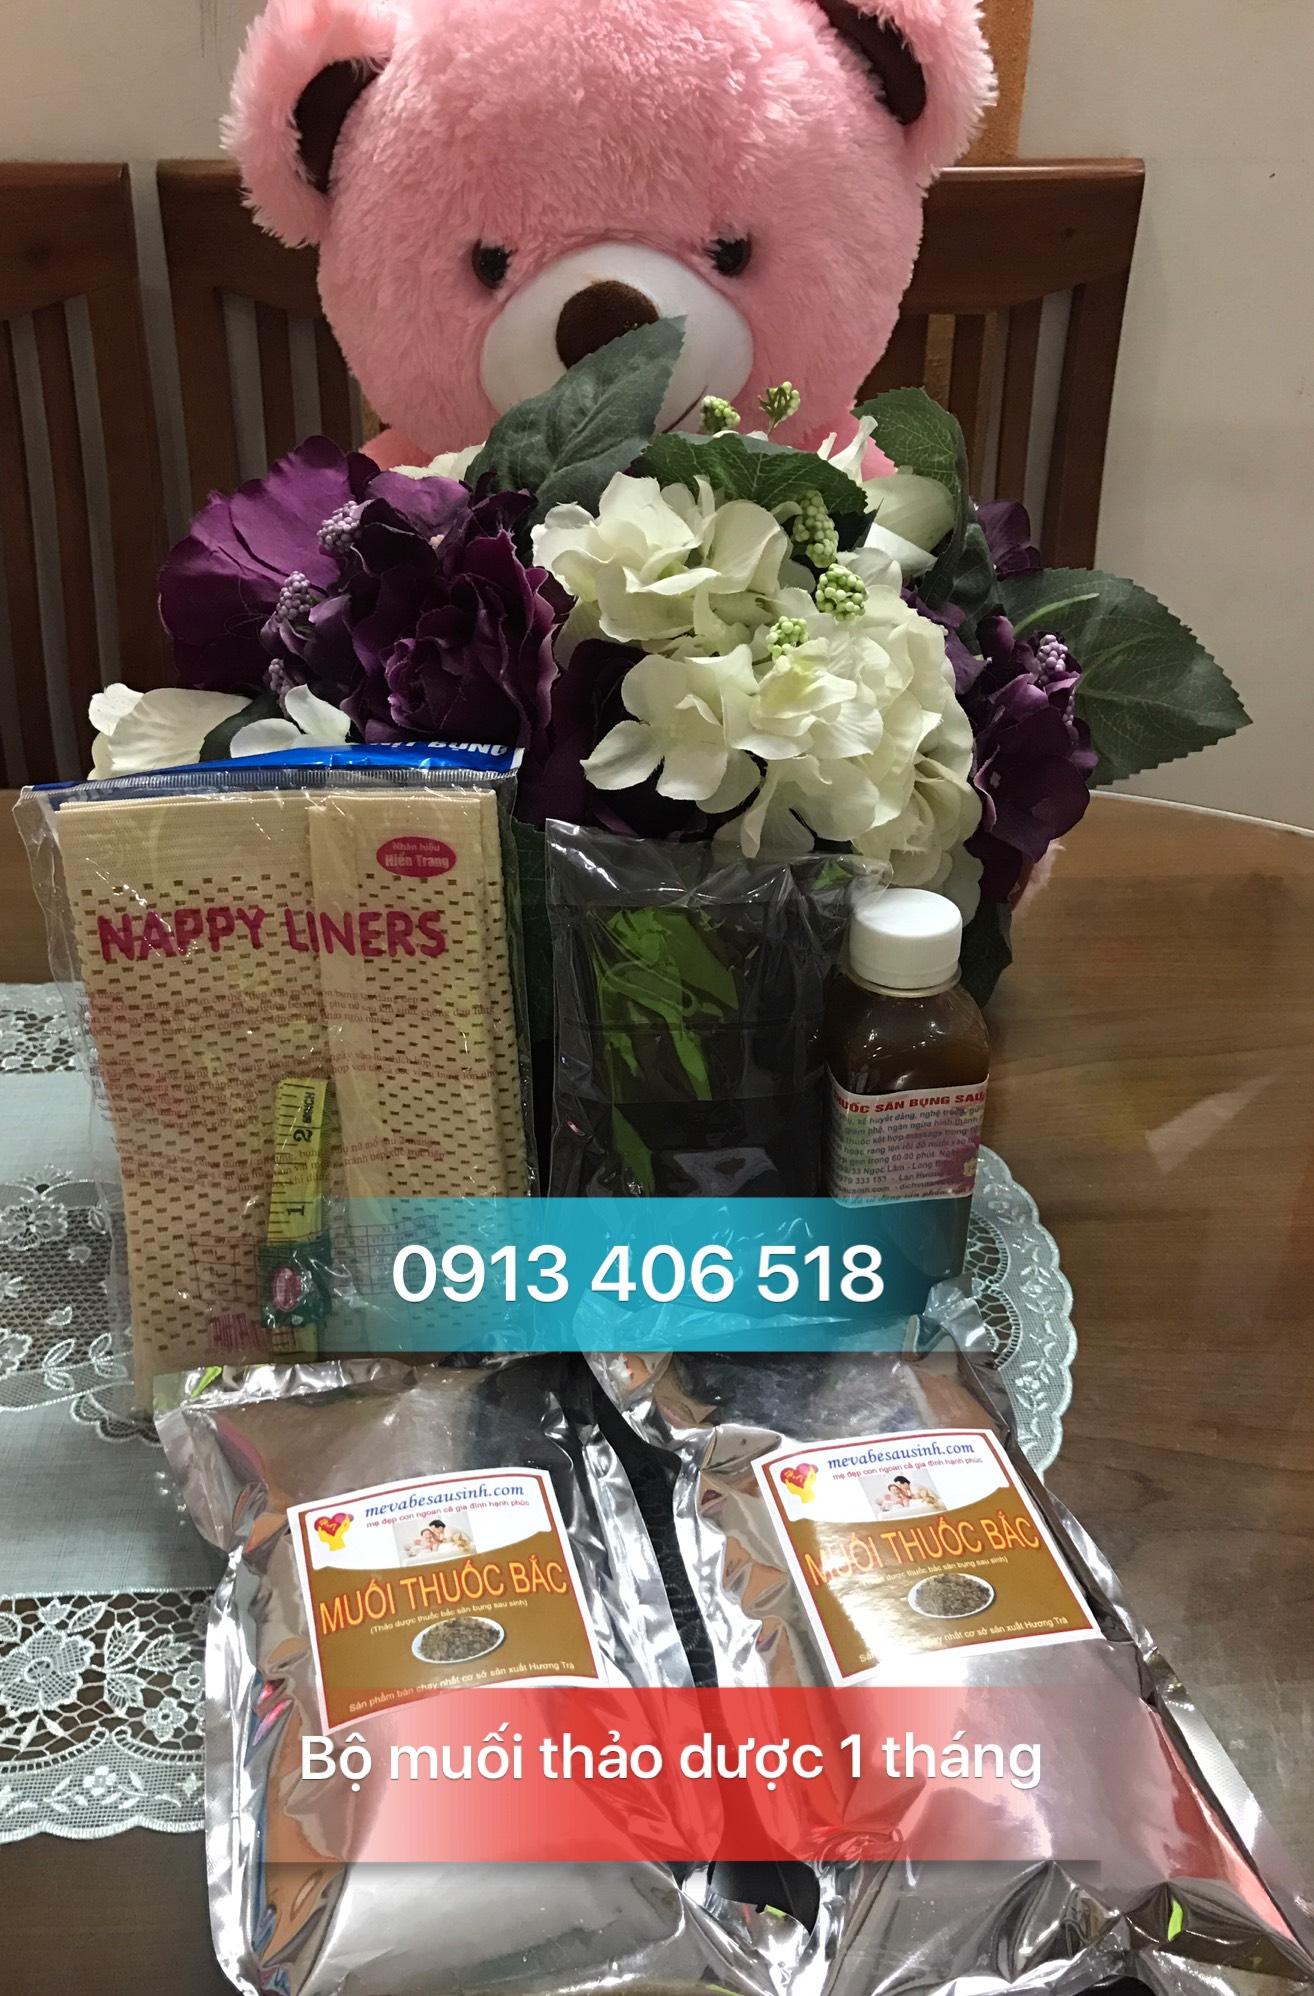 Bán muối thảo dược thuốc bắc Hương Trà săn bụng giảm eo sau sinh ở Đà Nẵng